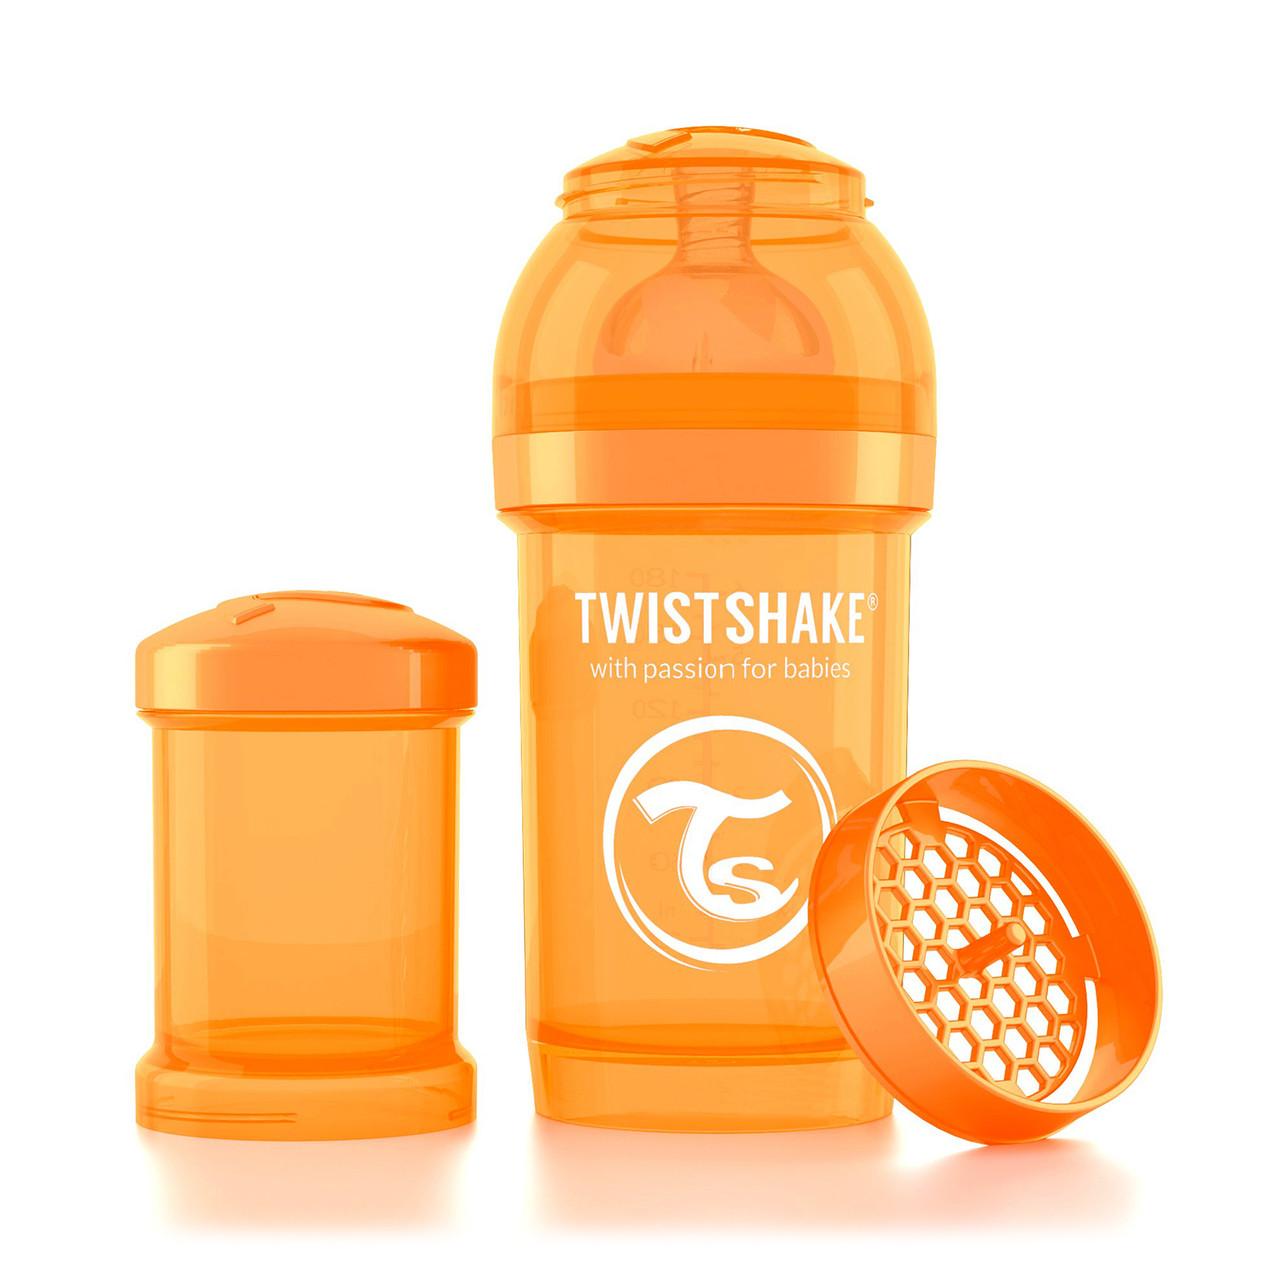 Антиколиковая бутылочка Twistshake для кормления 180 мл. Оранжевая (Sunbeam)